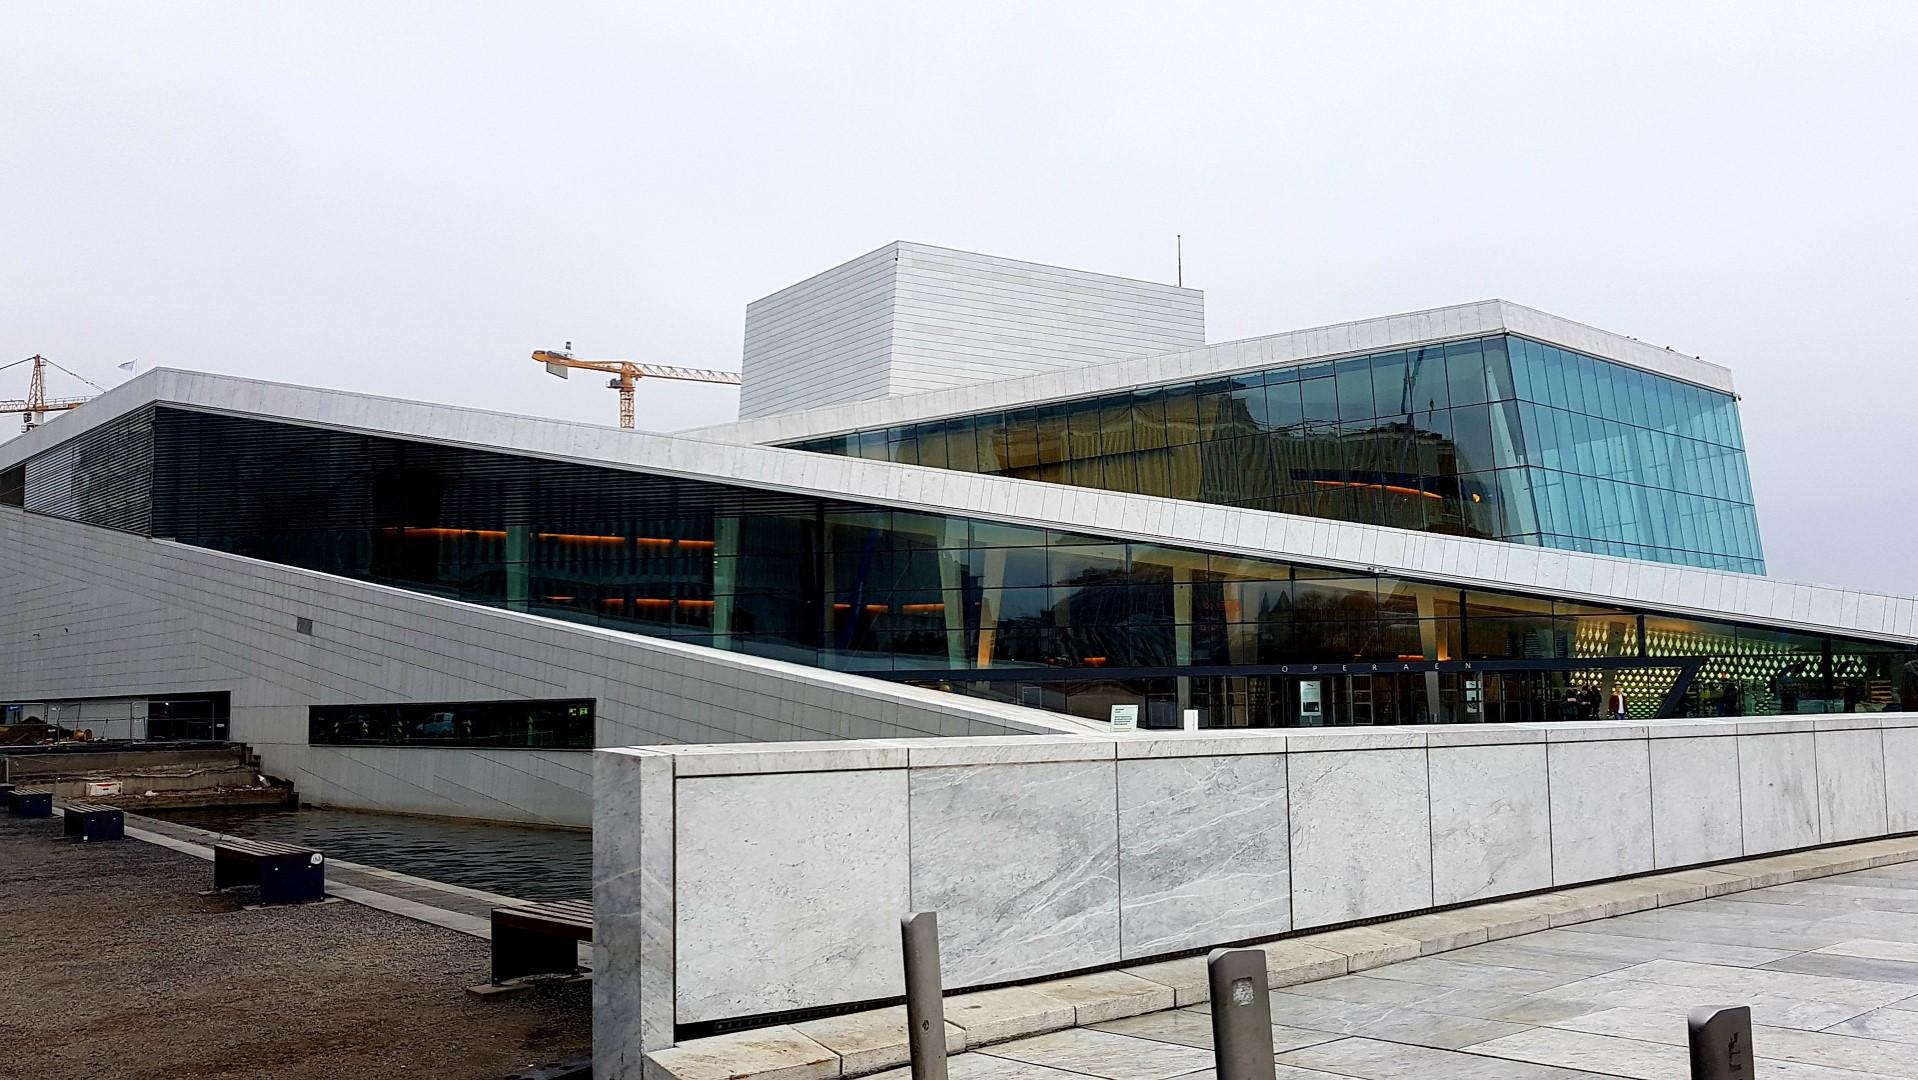 Nowoczesny budynek opery w Oslo.